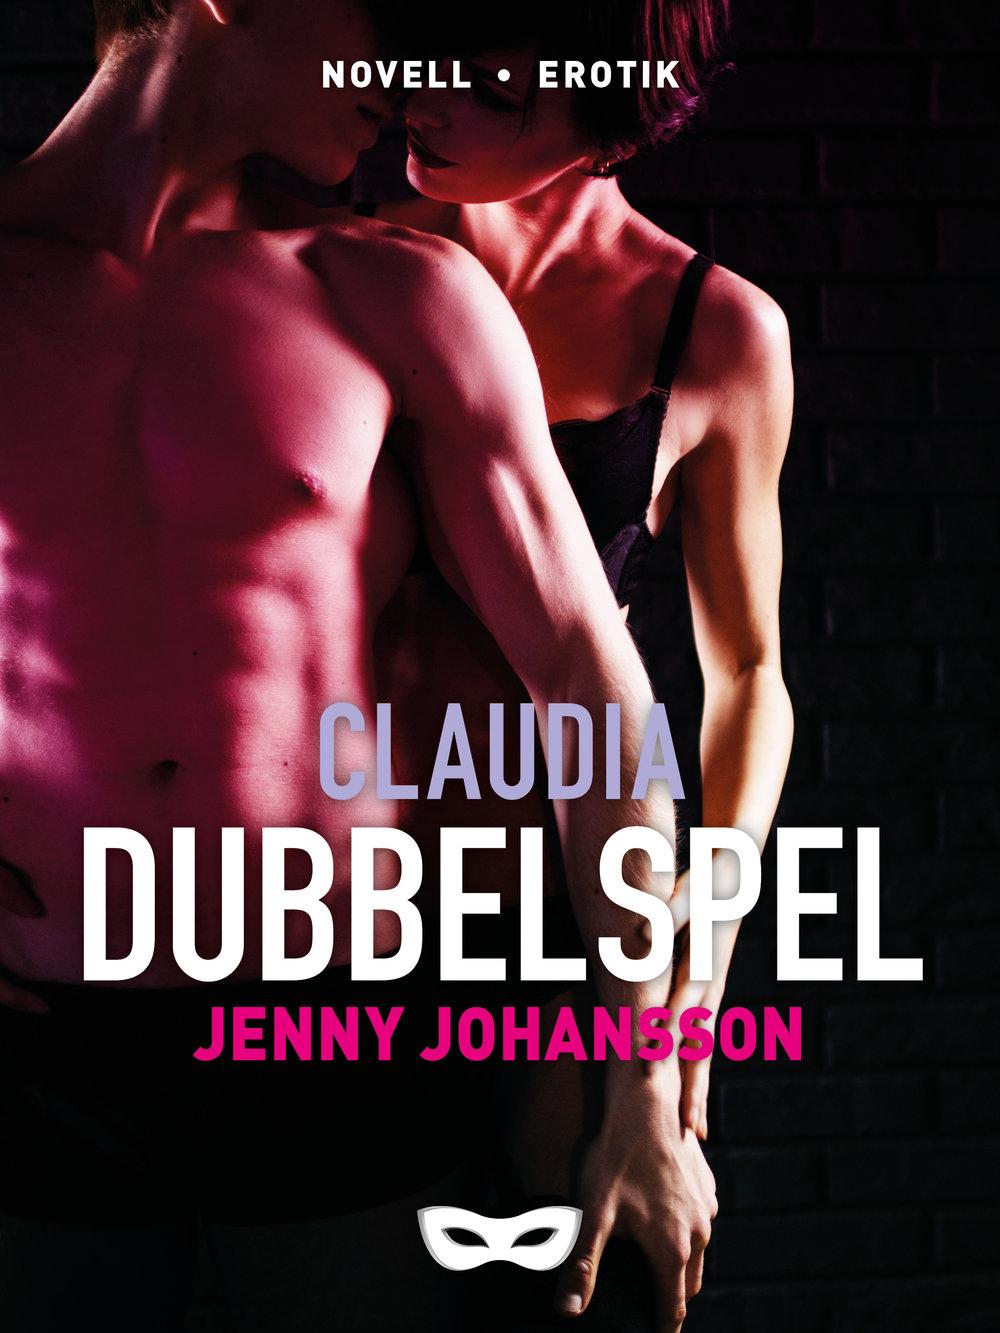 CLAU2_Dubbelspel_Jenny Johansson.jpg